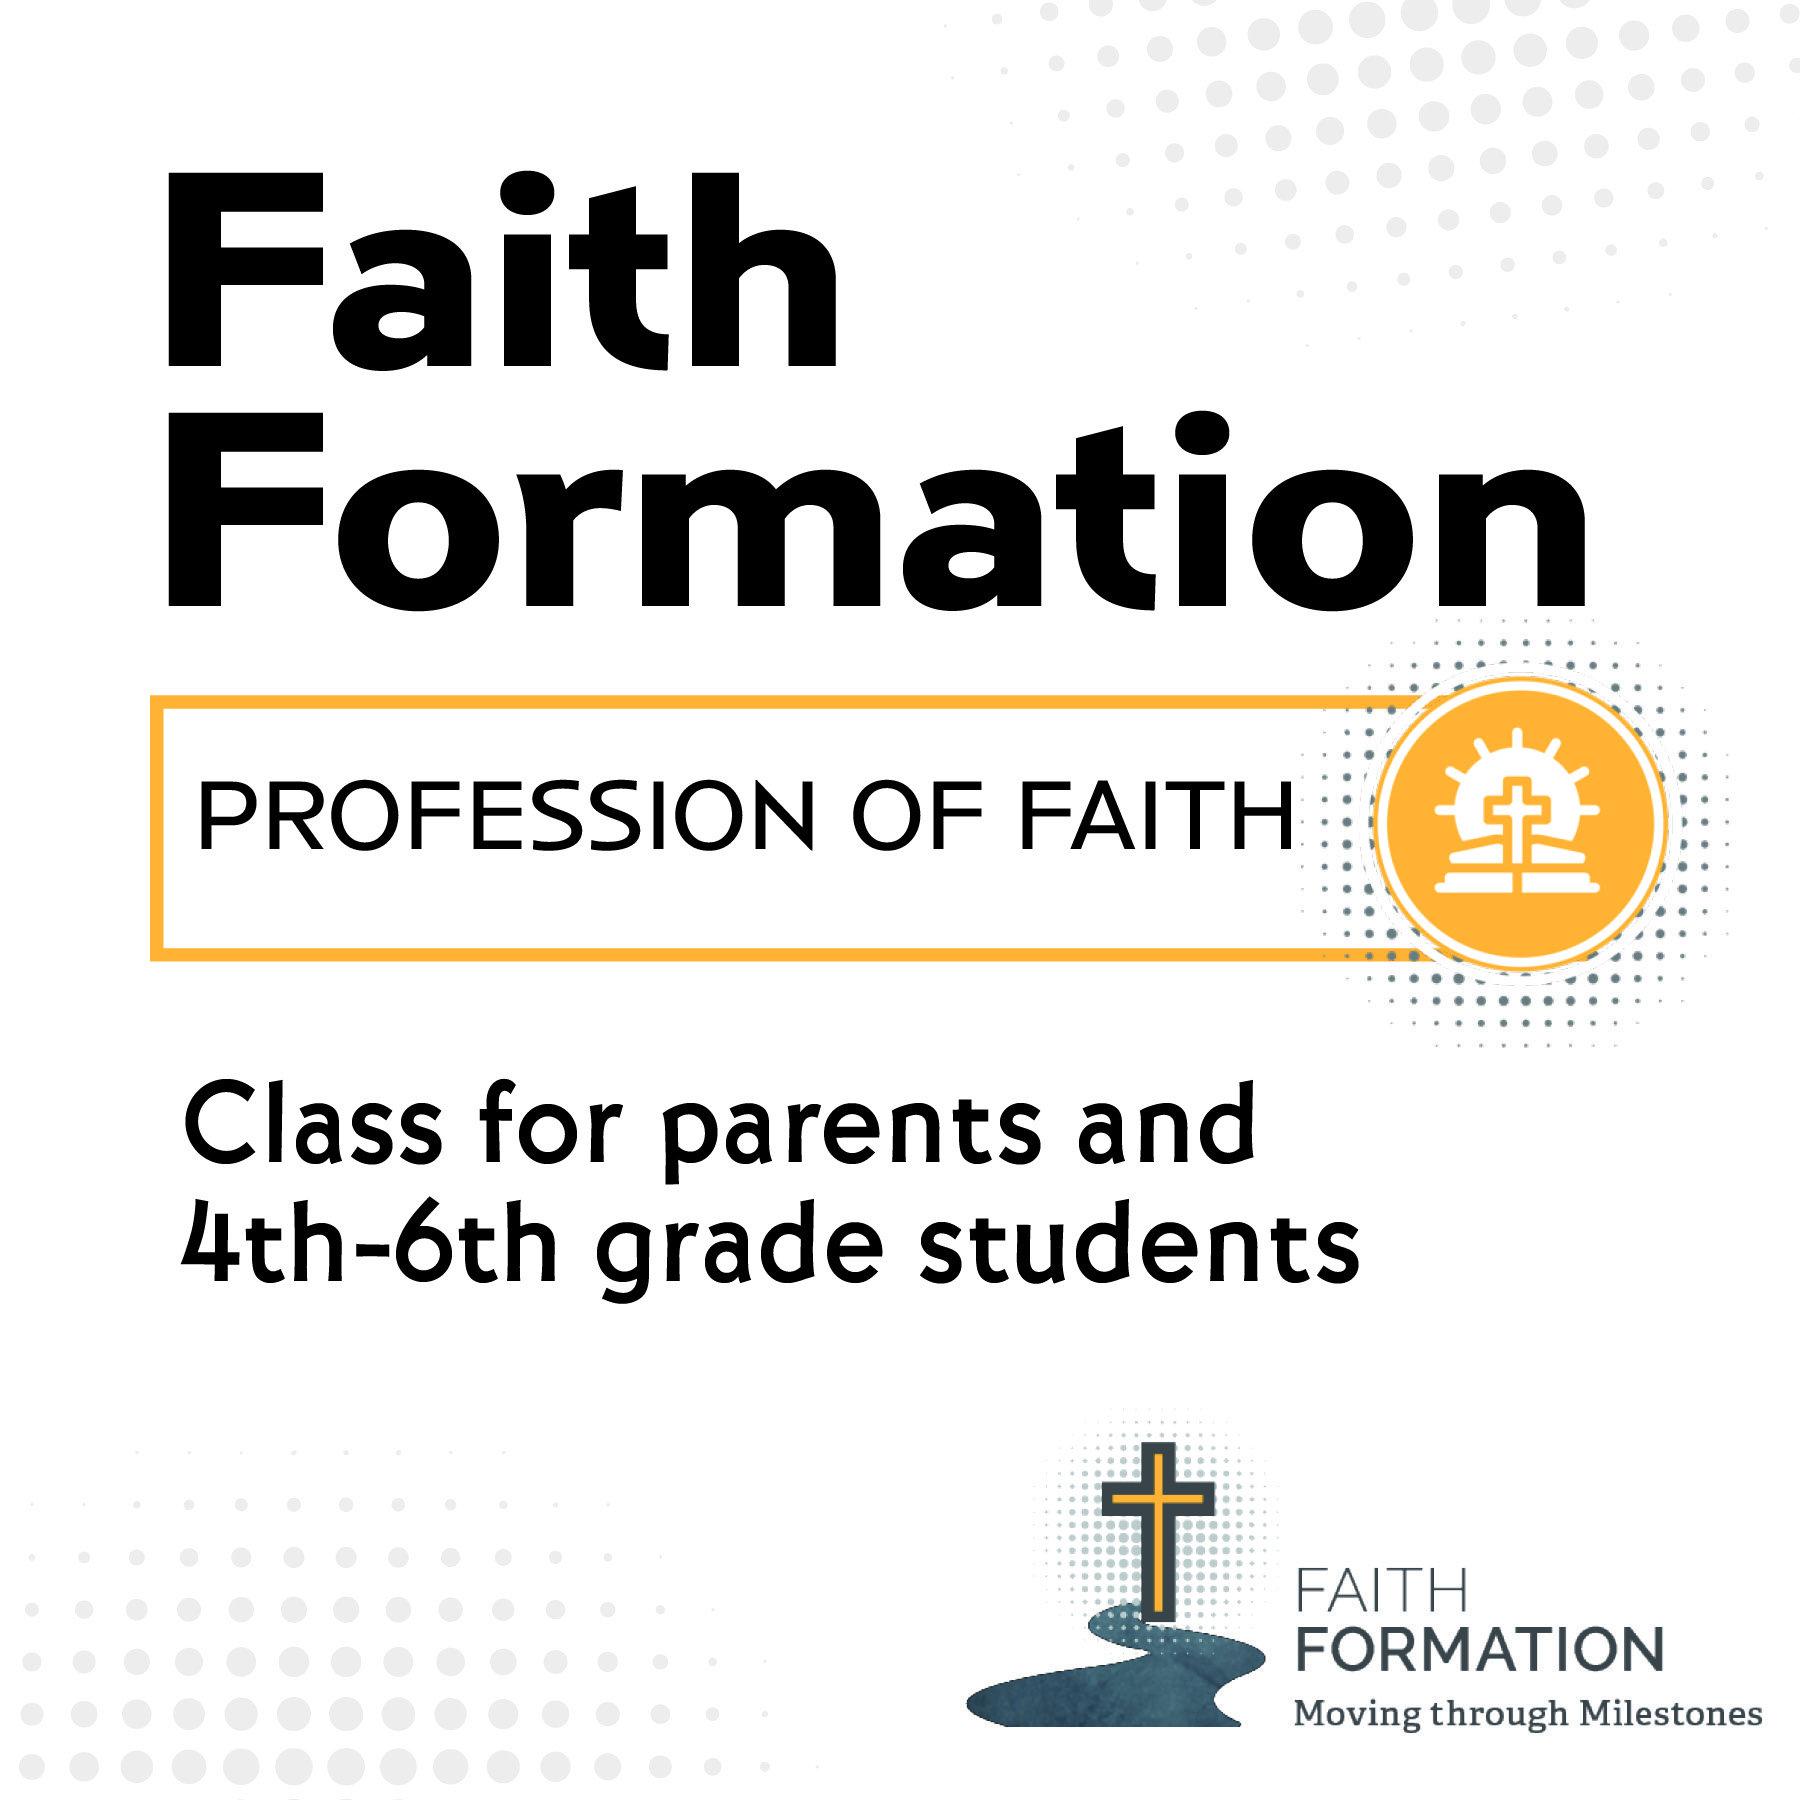 Faith Formation: Profession of Faith Class on October 23.